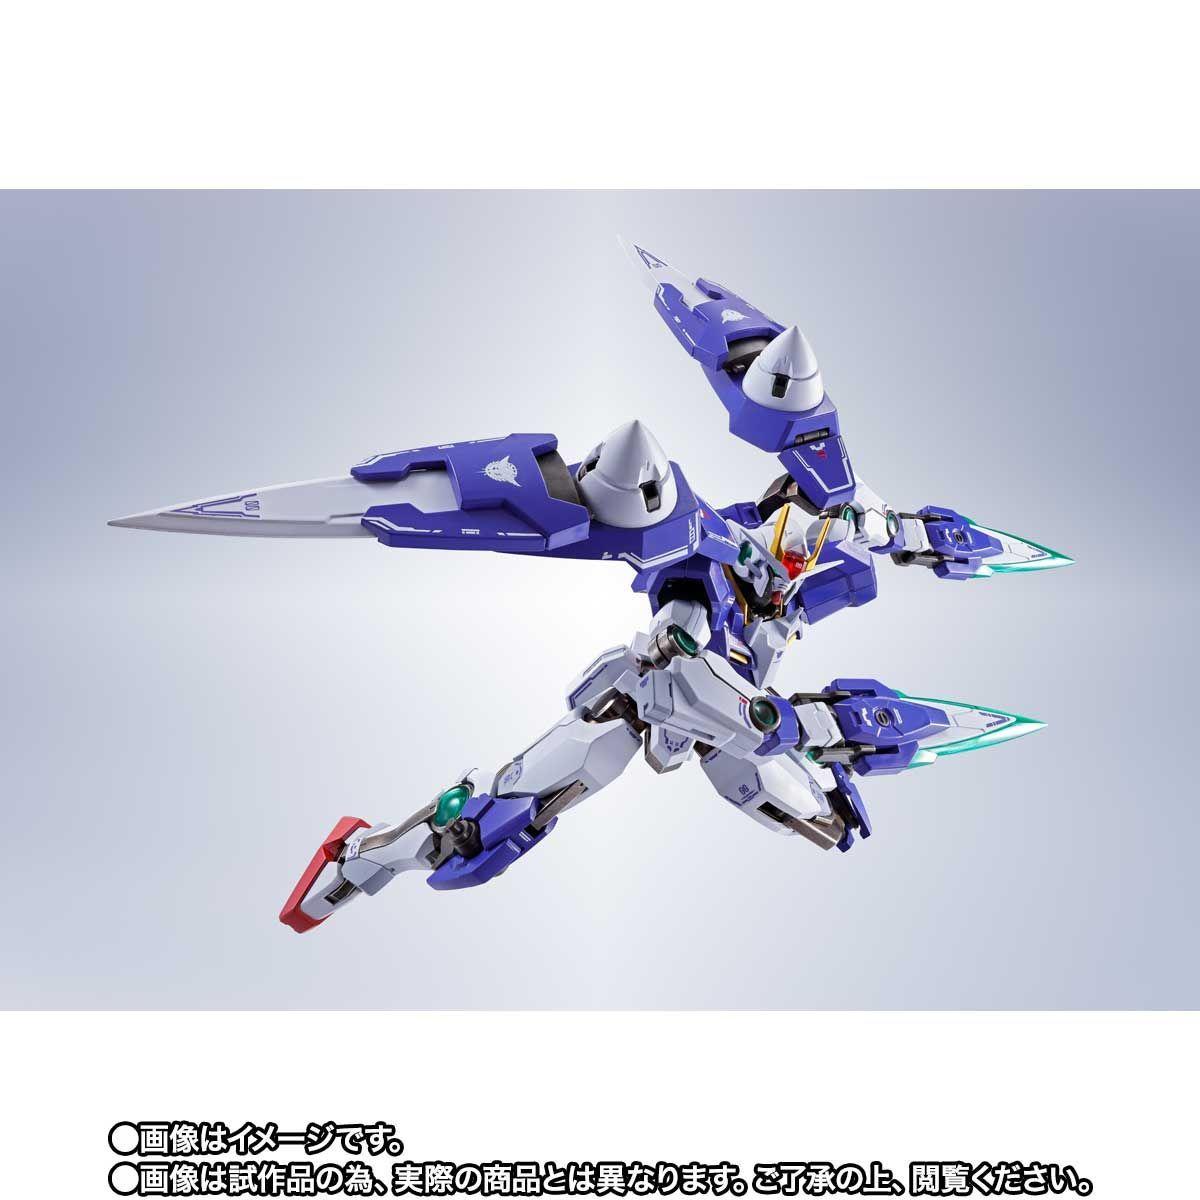 METAL ROBOT魂 ダブルオーザンライザーセブンソード_GNソードIIブラスターセット12